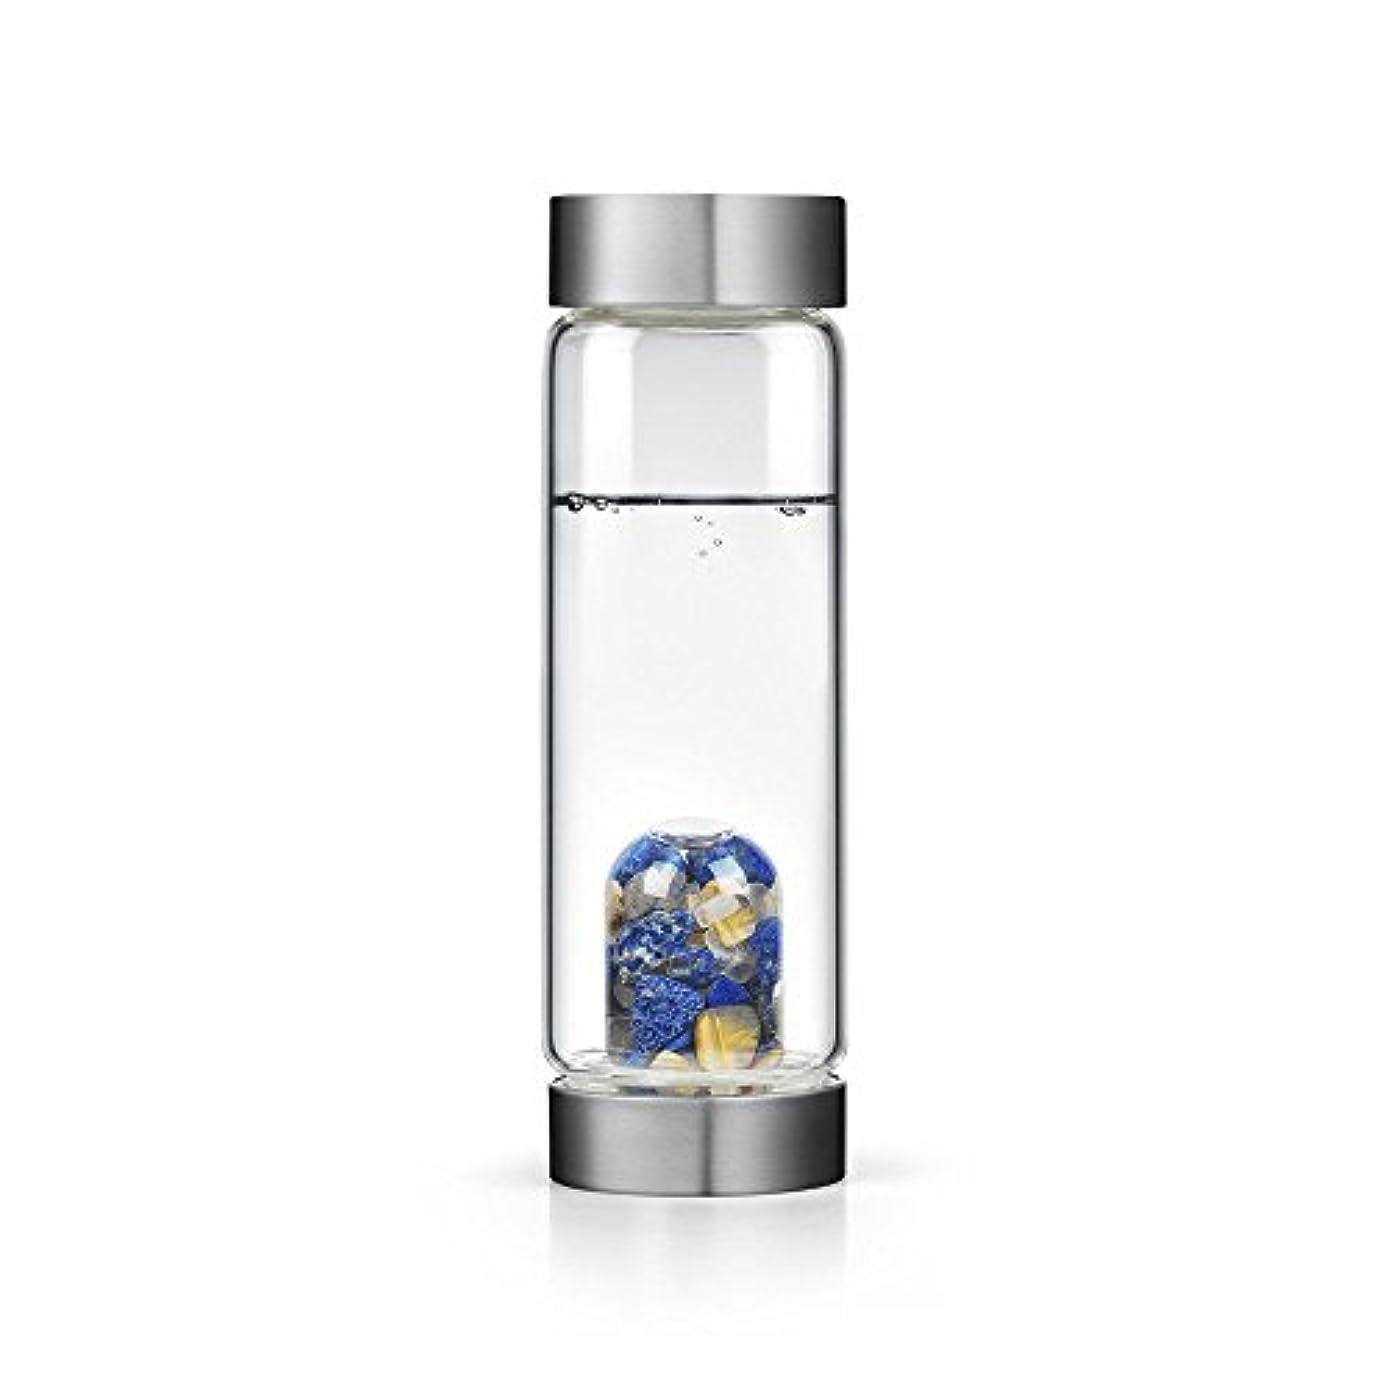 ファンタジー添加試みインスピレーションgem-waterボトルby VitaJuwel W / Freeカリフォルニアホワイトセージバンドル 16.9 fl oz